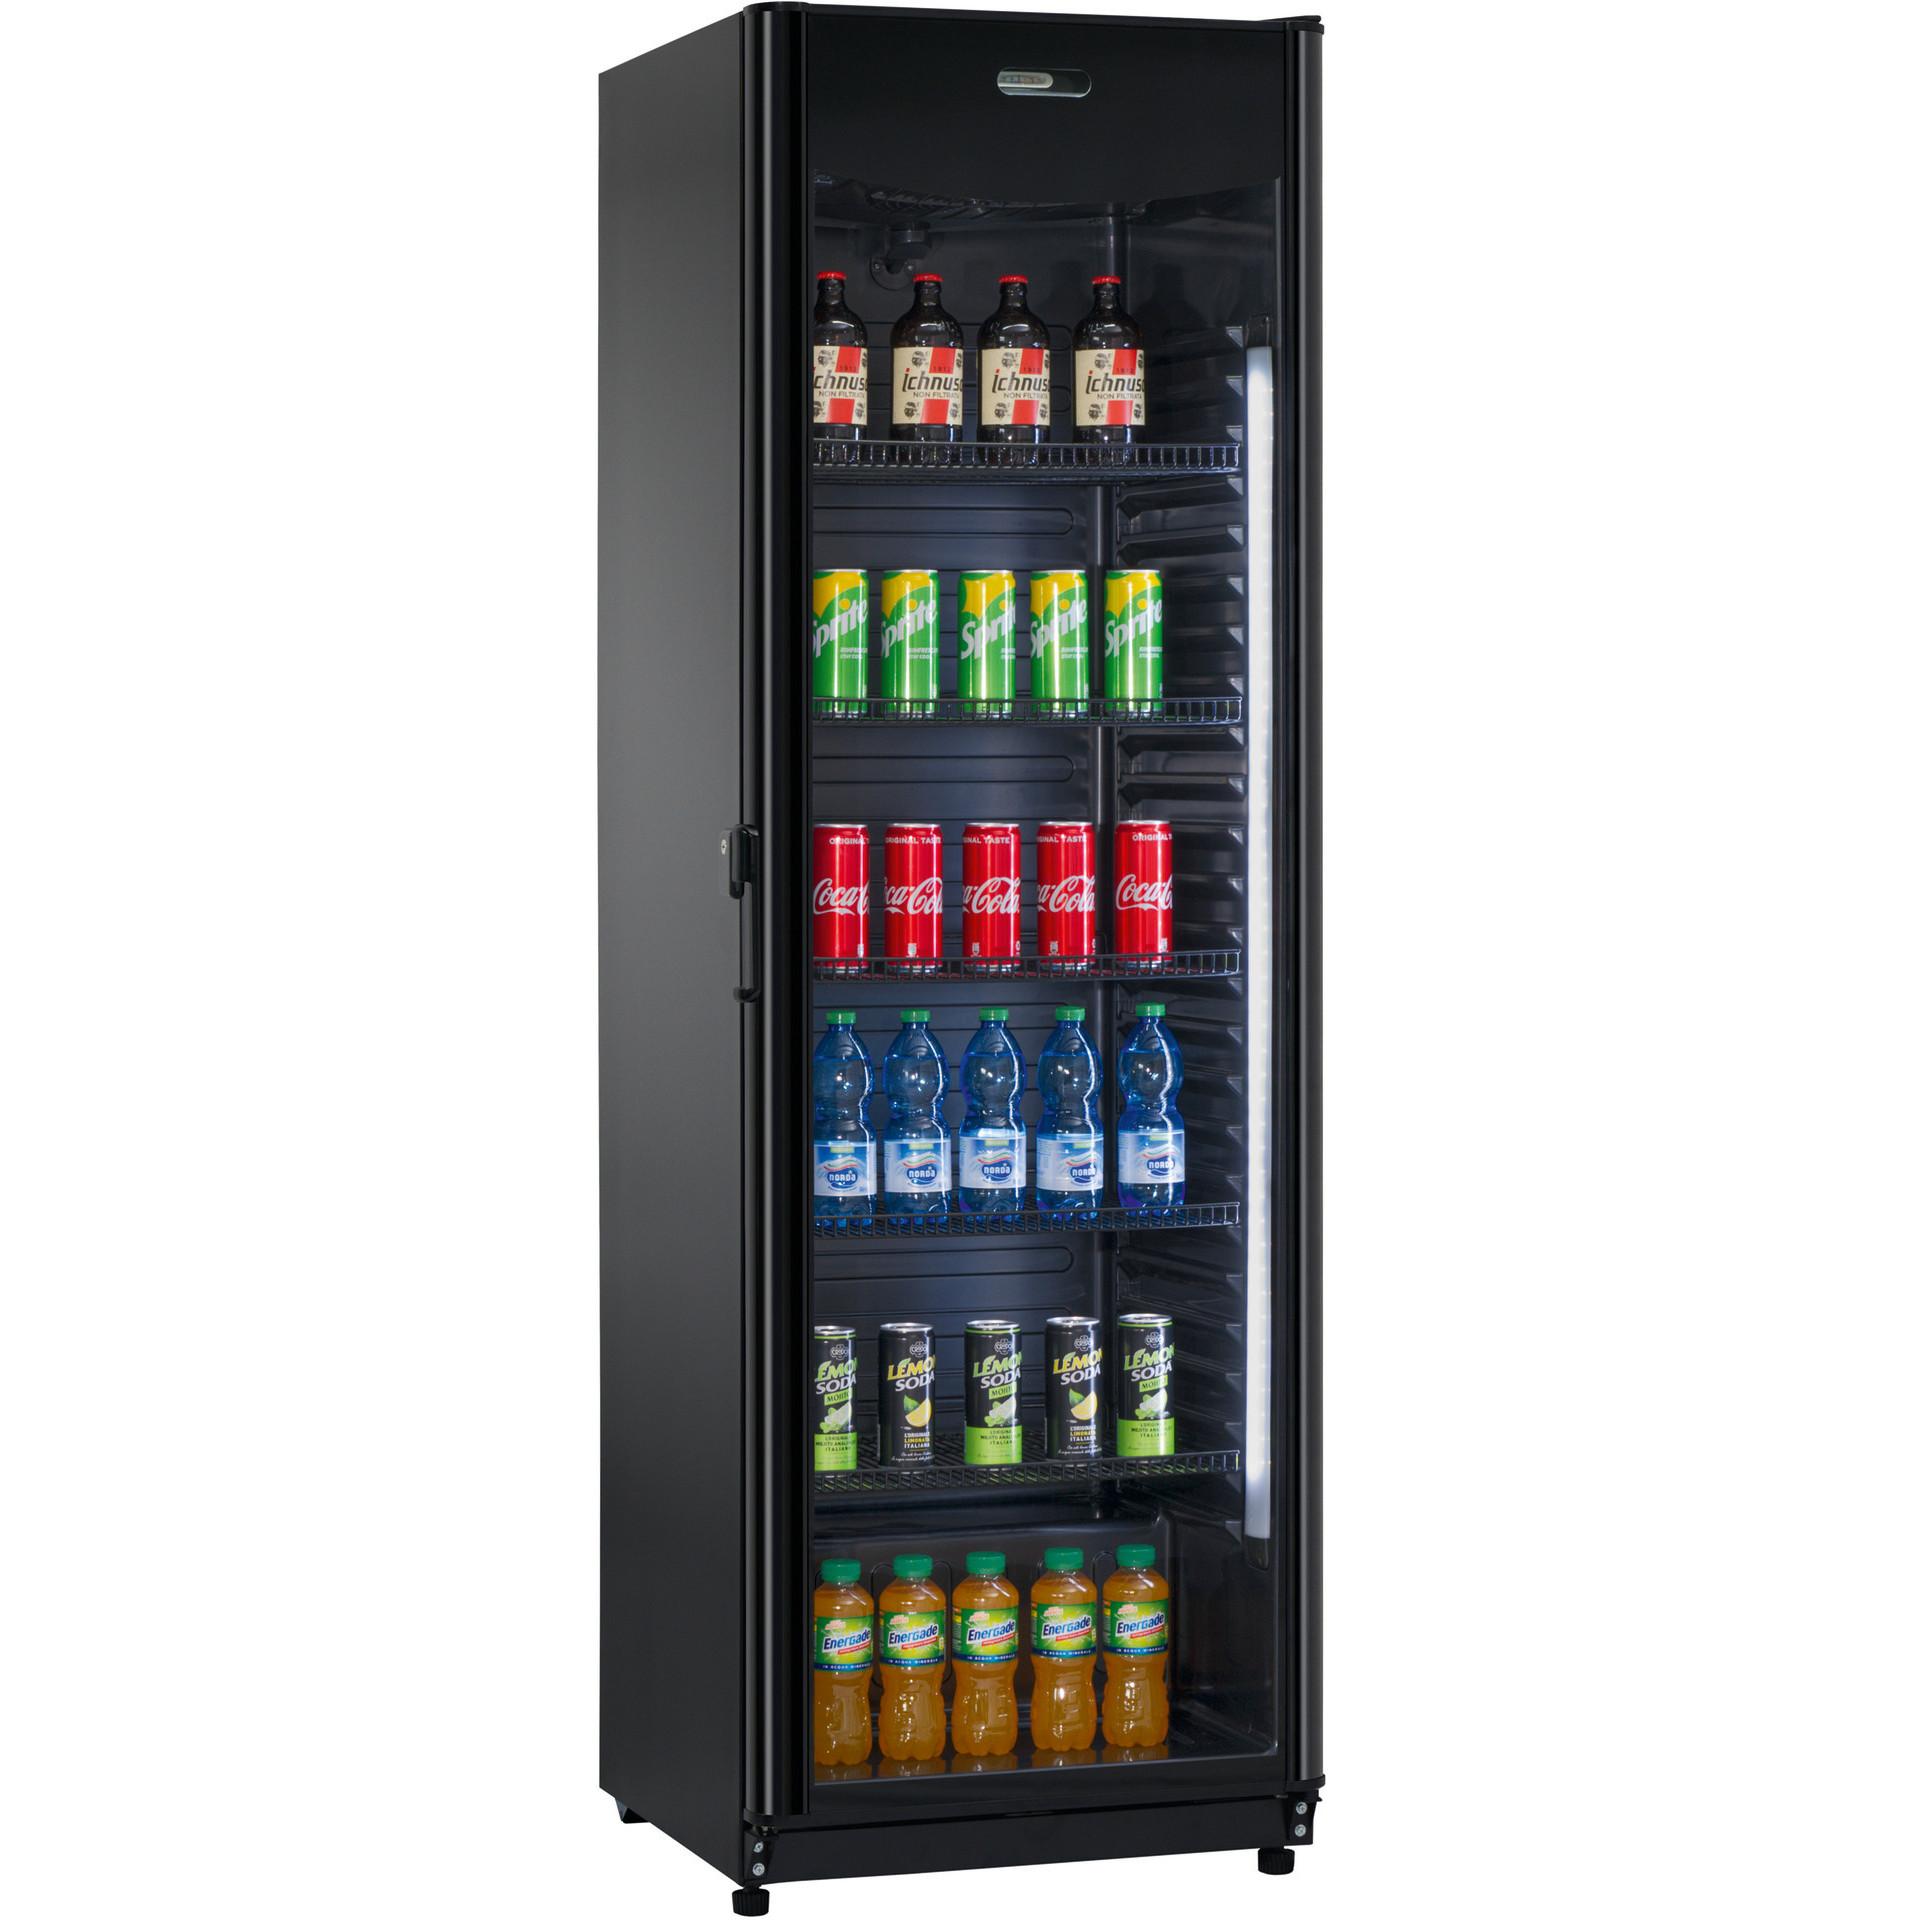 Flaschenkühlschrank schwarz, 382 l